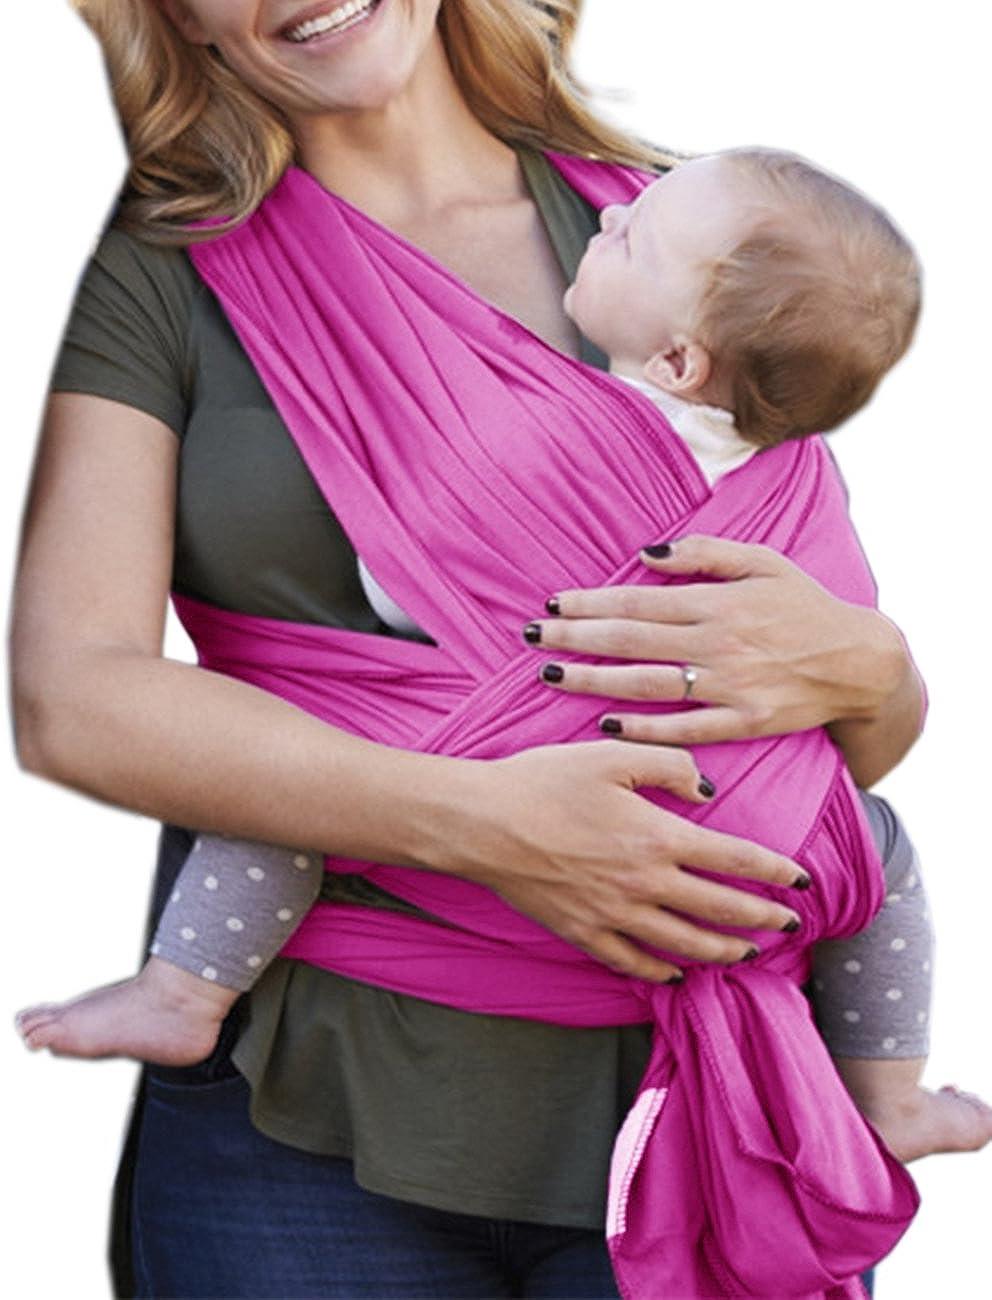 HAHAEMMA Babytragetuch Babytragen Elastisch Baby Wrap Sling f/ür Neugeborene und Kleinkinder inkl Baby Wrap Carrier Anleitung